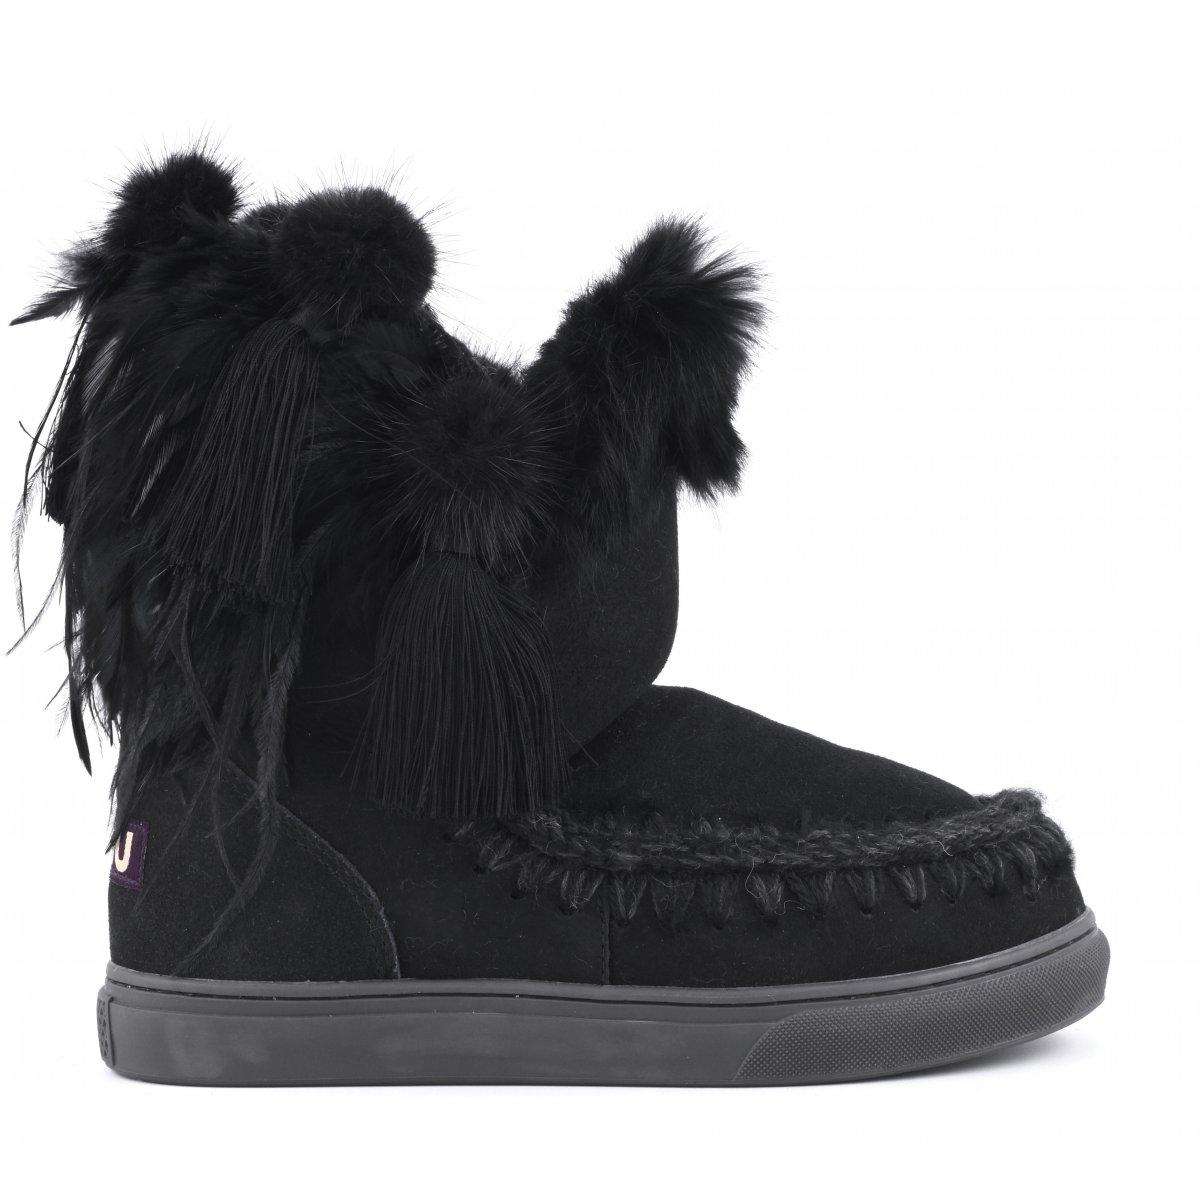 a9b4d82d4fd6 Fall Mou Feathers Back Winter Women Sneakers Sneaker Eskimo ZqIHYz